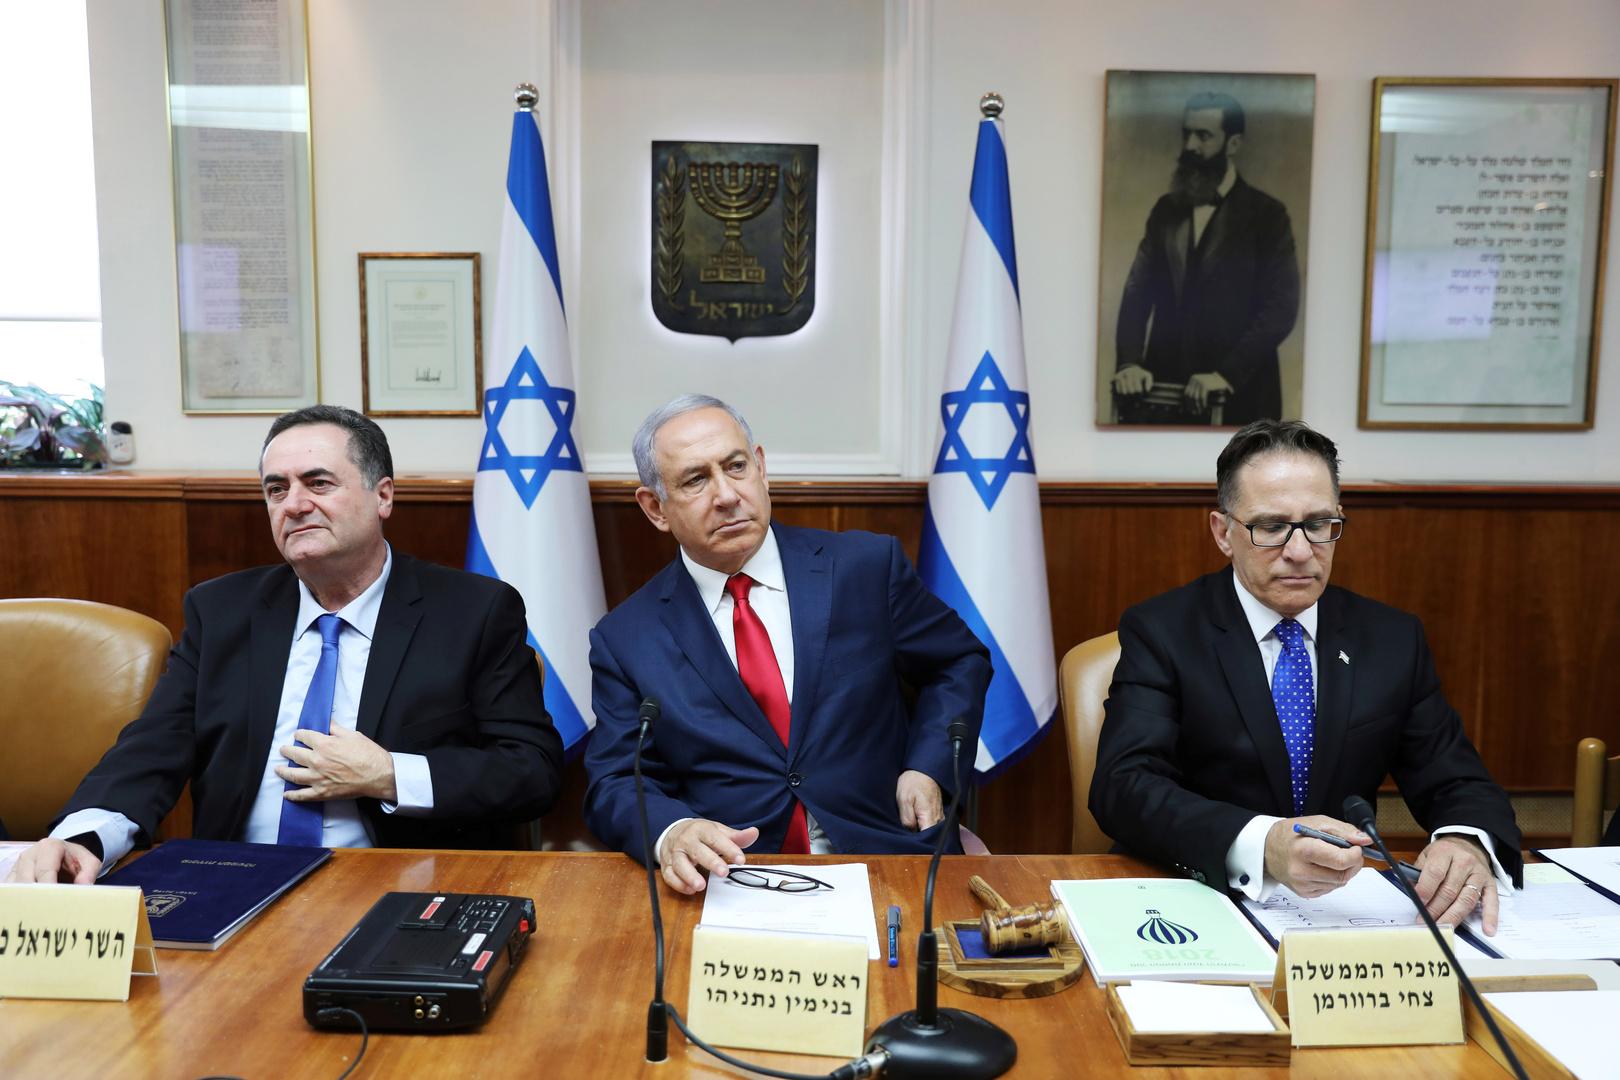 الكابينت الإسرائيلي يناقش تسوية طويلة الأمد مع